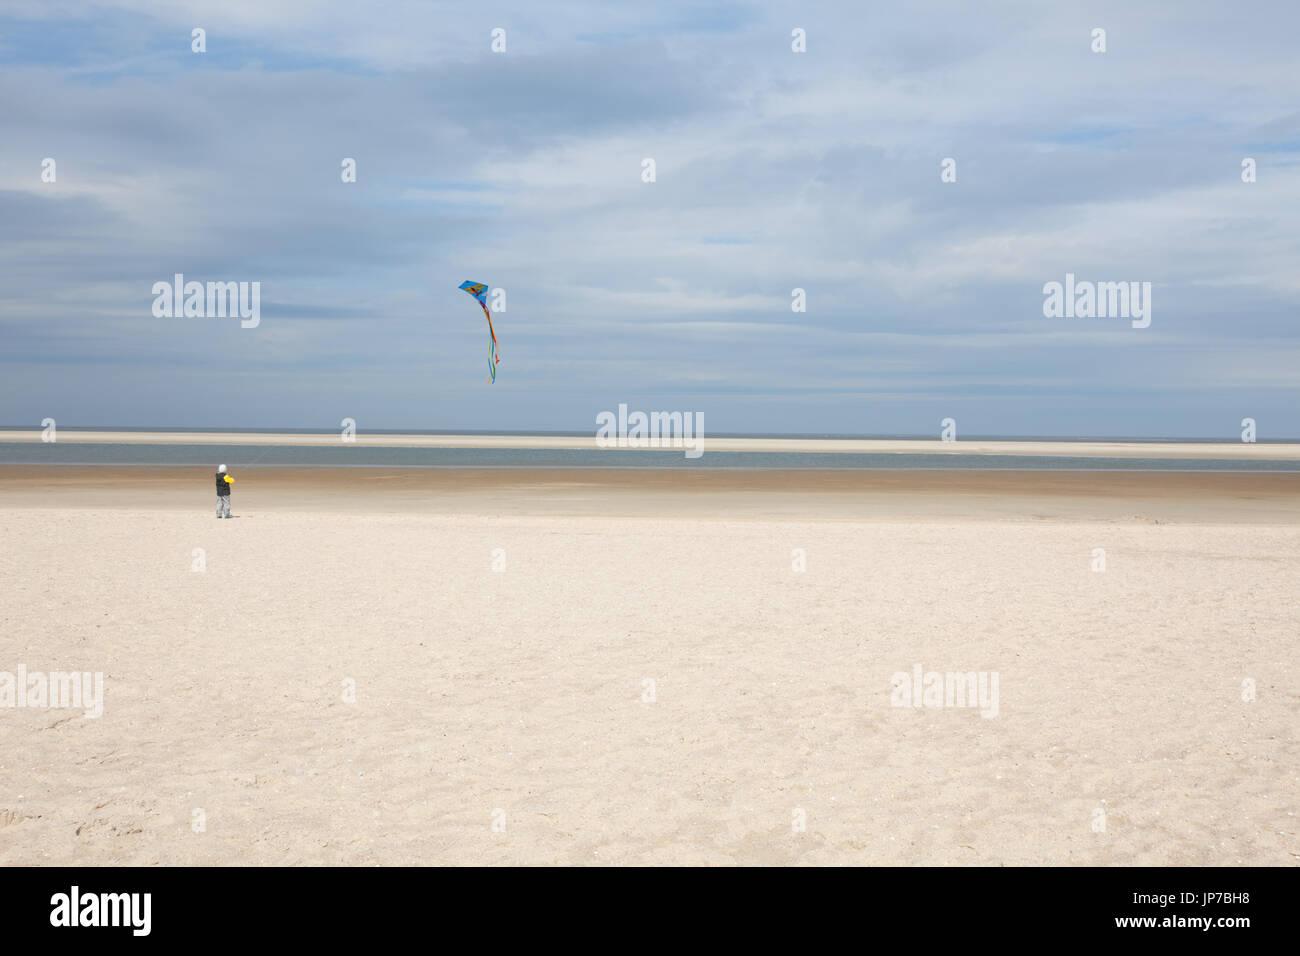 Europe, Germany, Friesland, Langeoog - Ein Kind kässt einen Drachen steigen - Langeoog a child let a kite fly - Stock Image